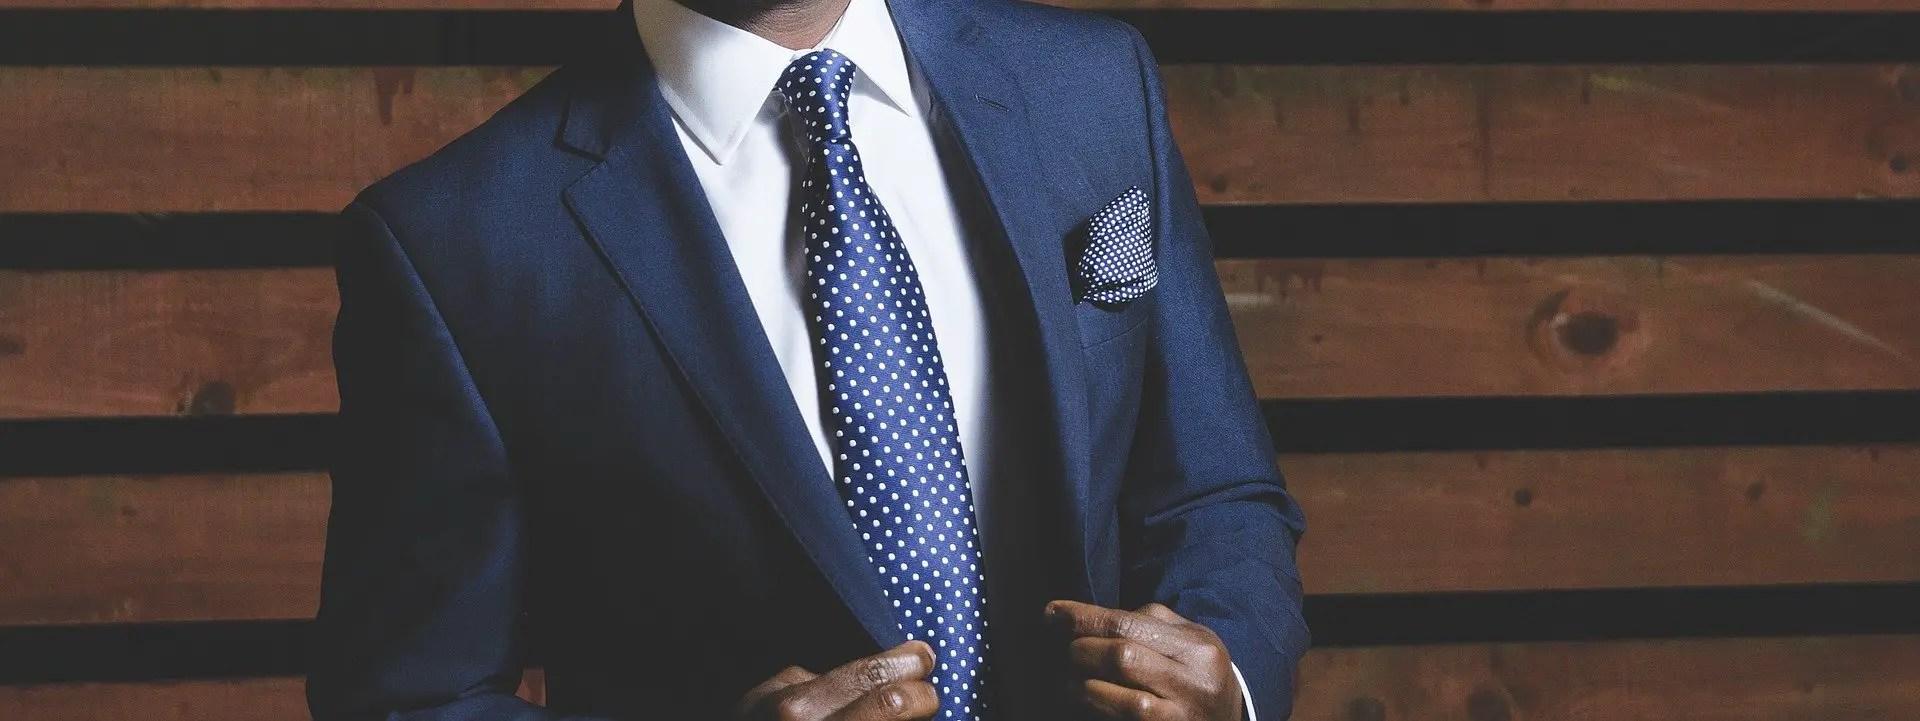 Faire Bonne Impression En Entretien D'Embauche : 7 Astuces